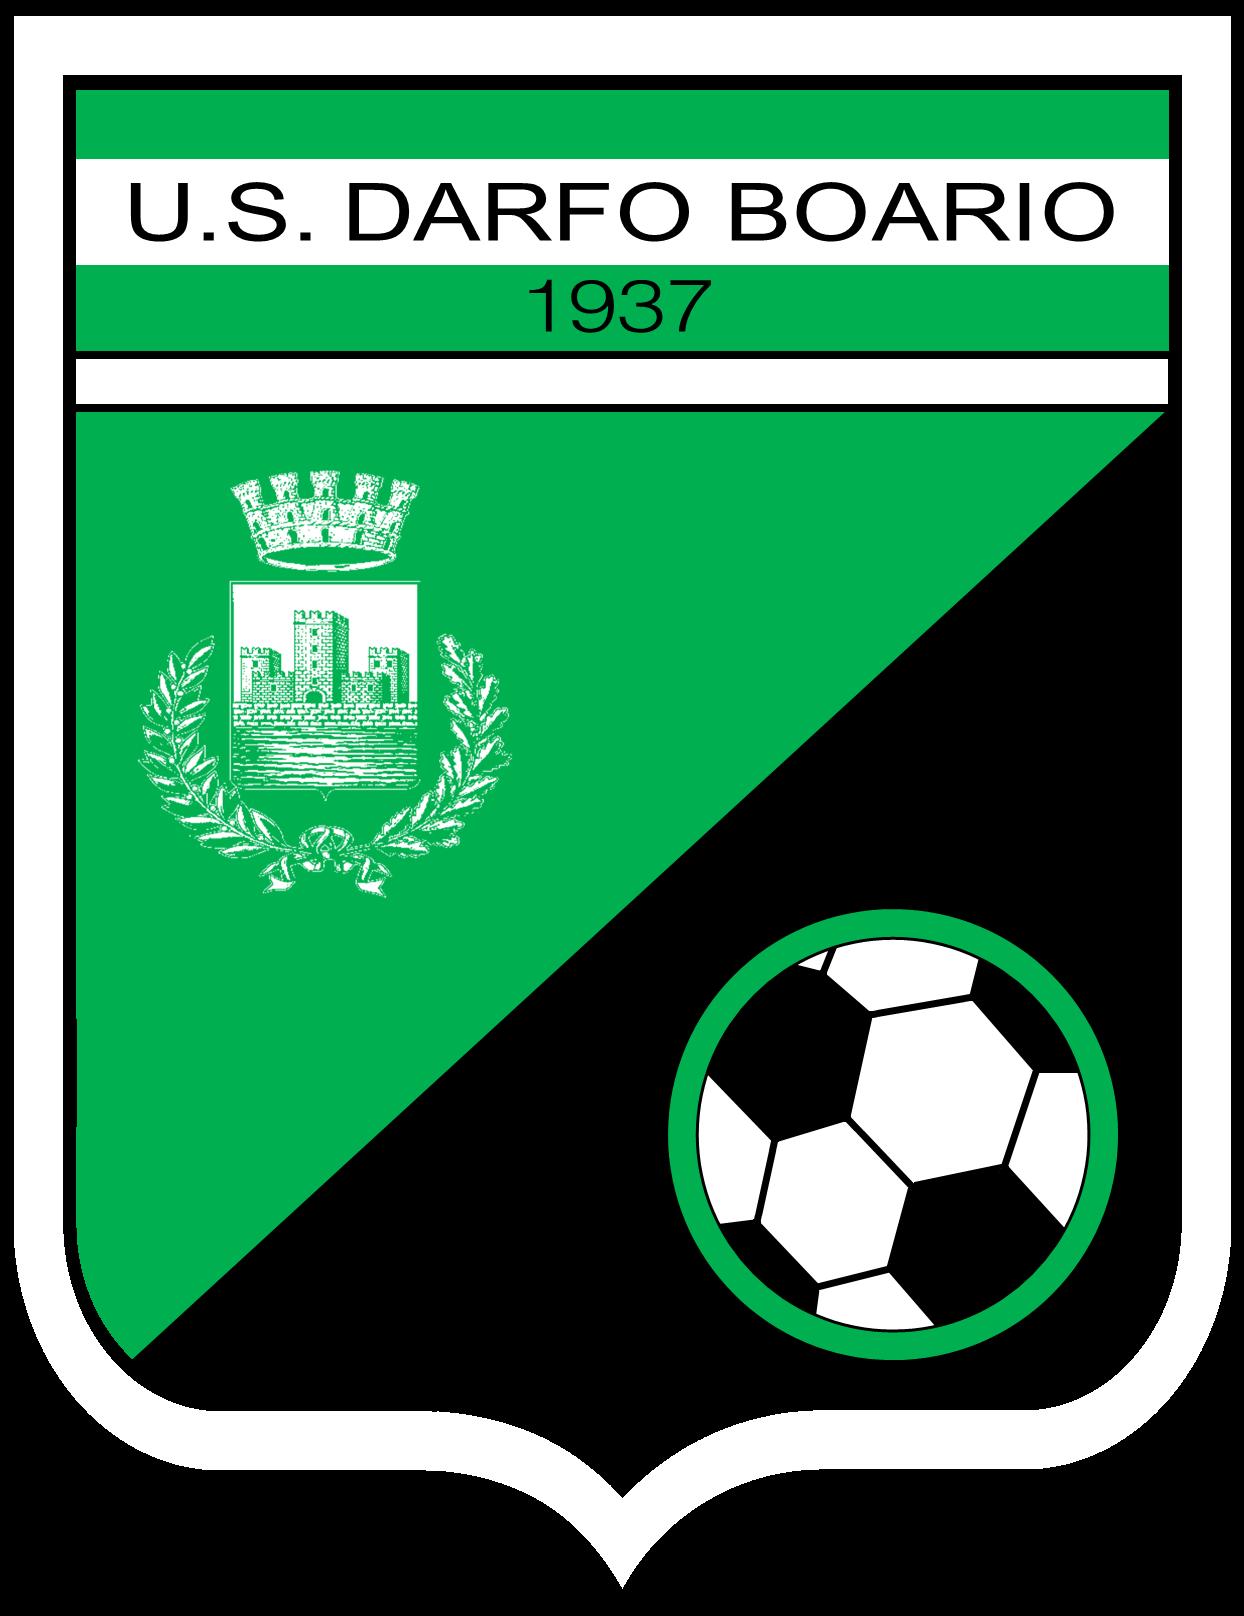 DARFO BOARIO S.R.L.SSD.